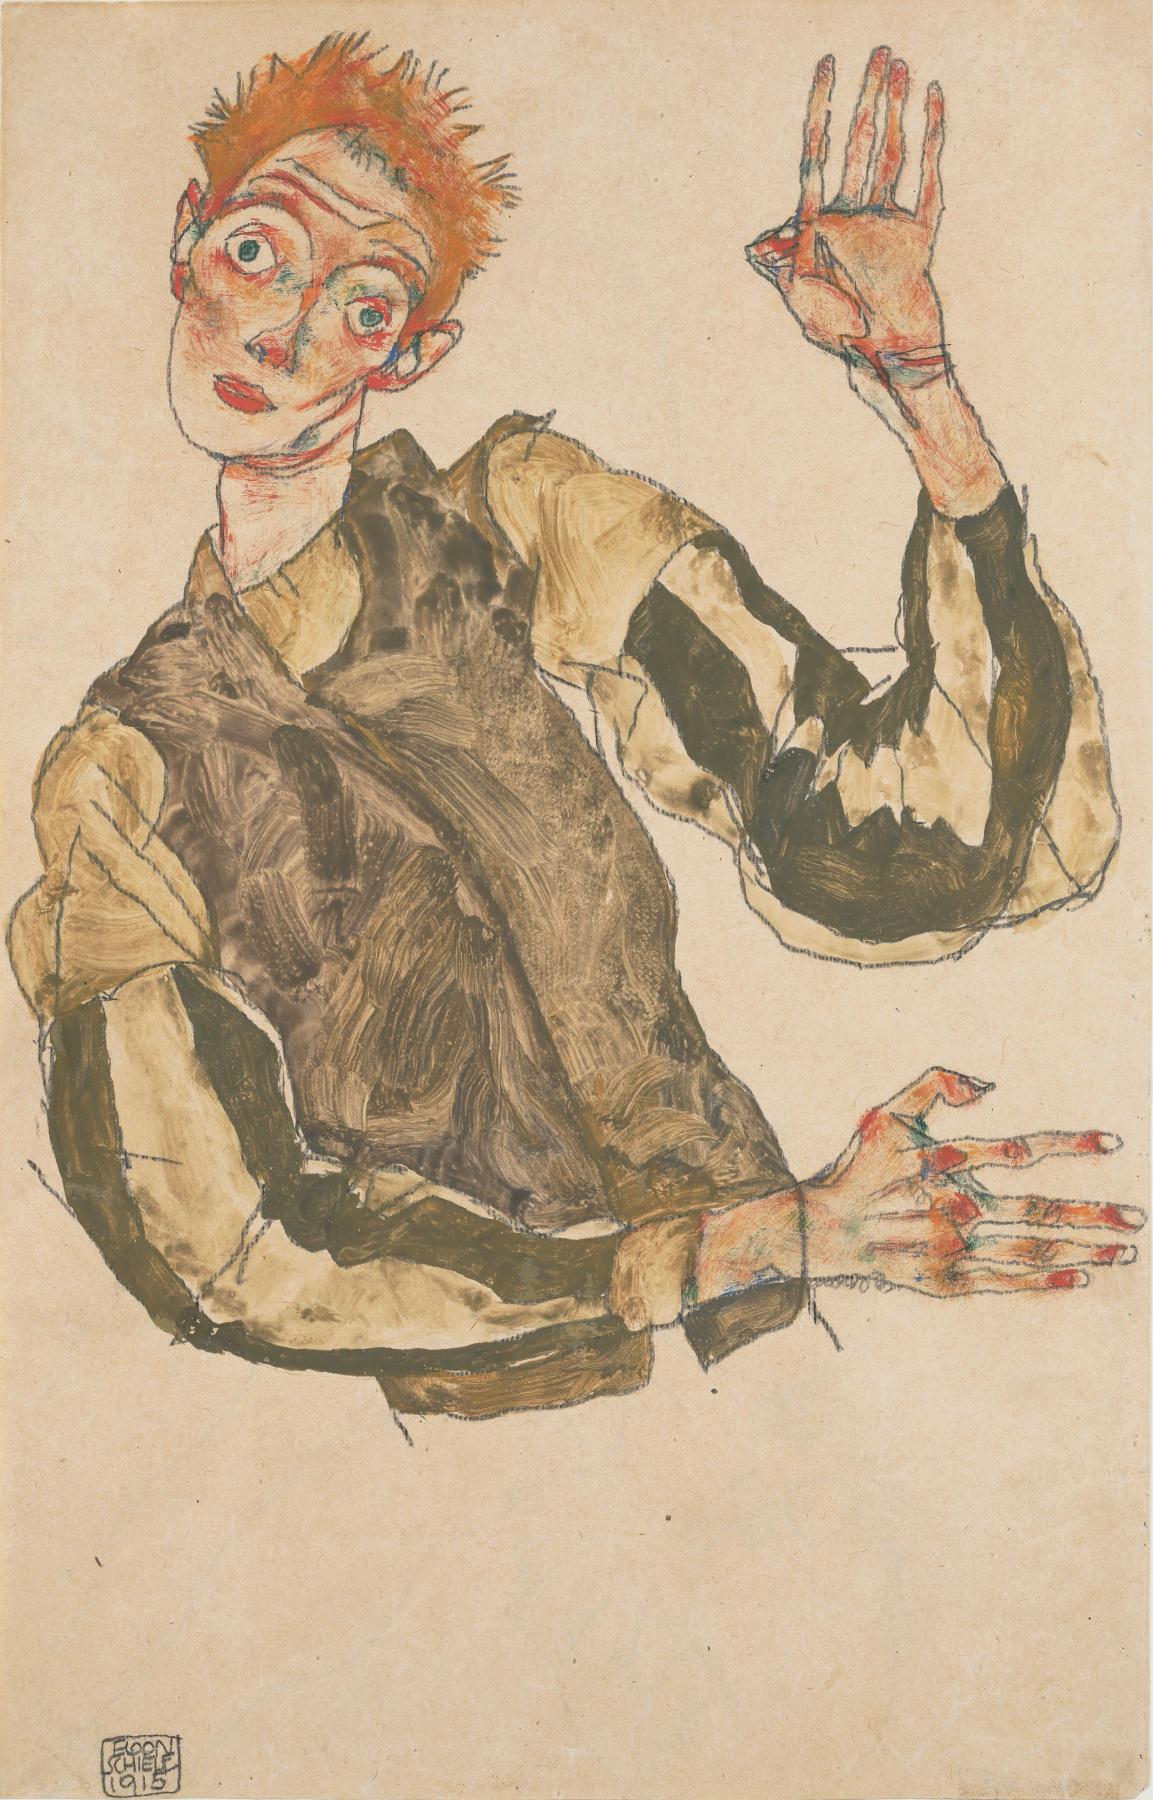 Egon Schiele. Self-portrait with striped armlets